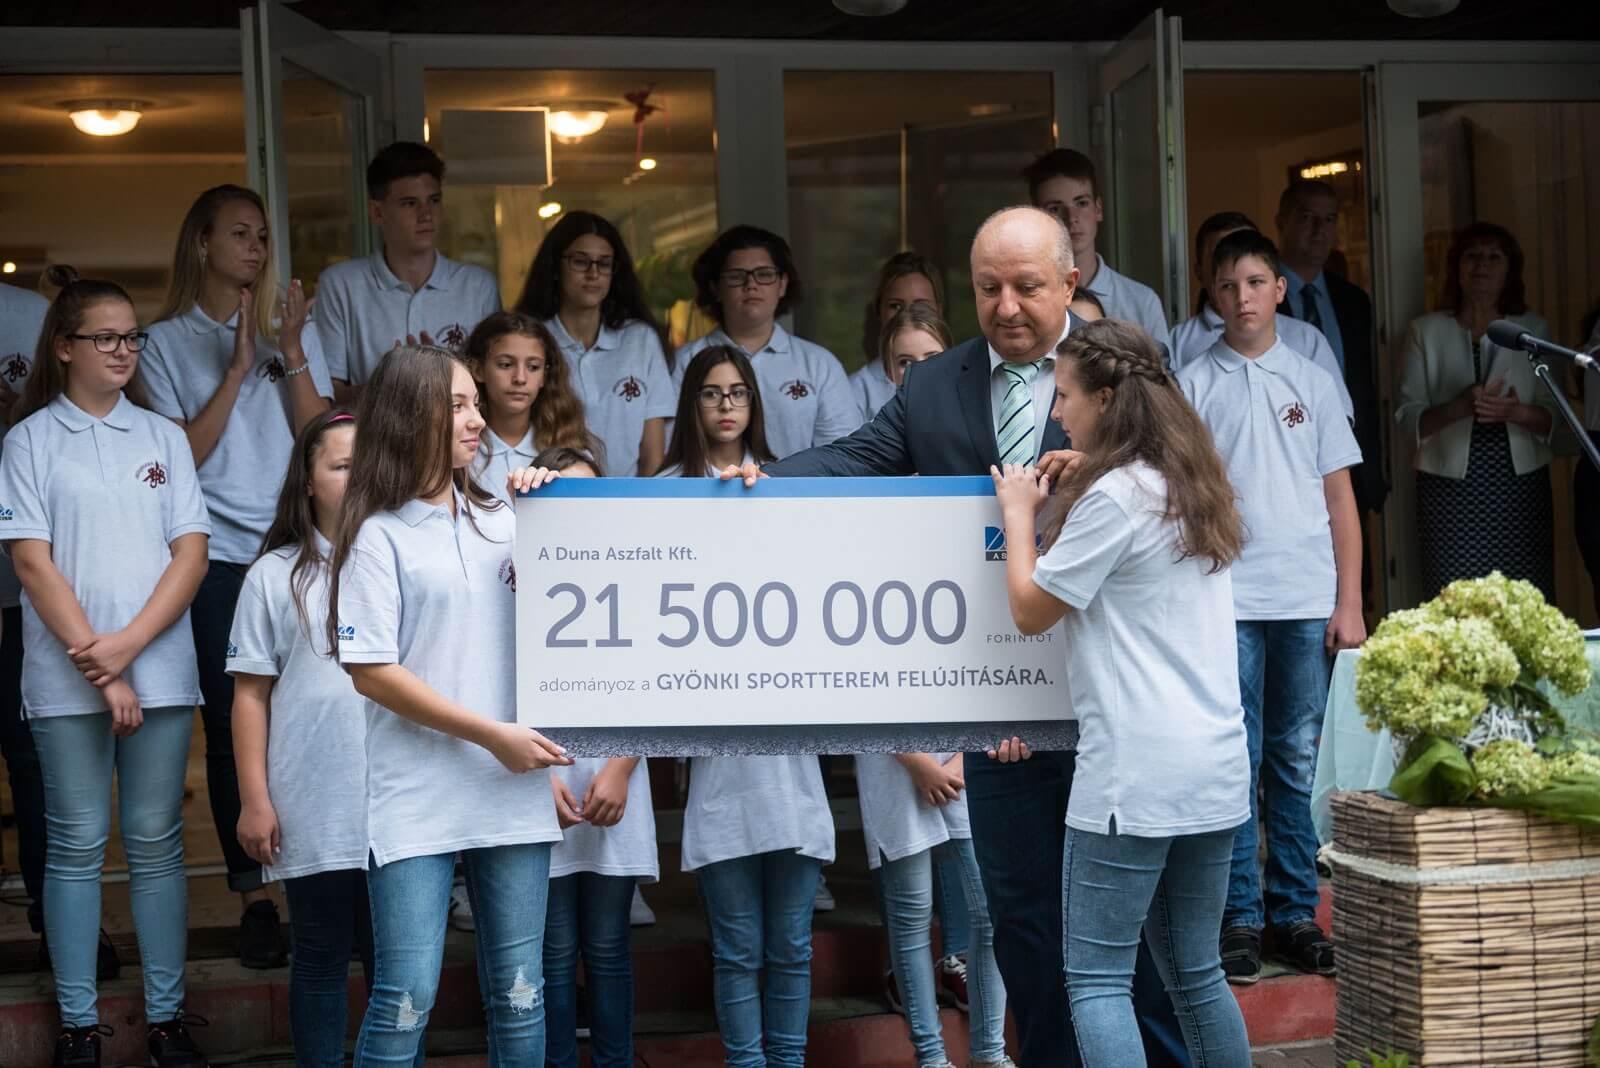 Háromszáz gyereknek kezdődött új tornateremben az év a Duna Aszfalt jóvoltából